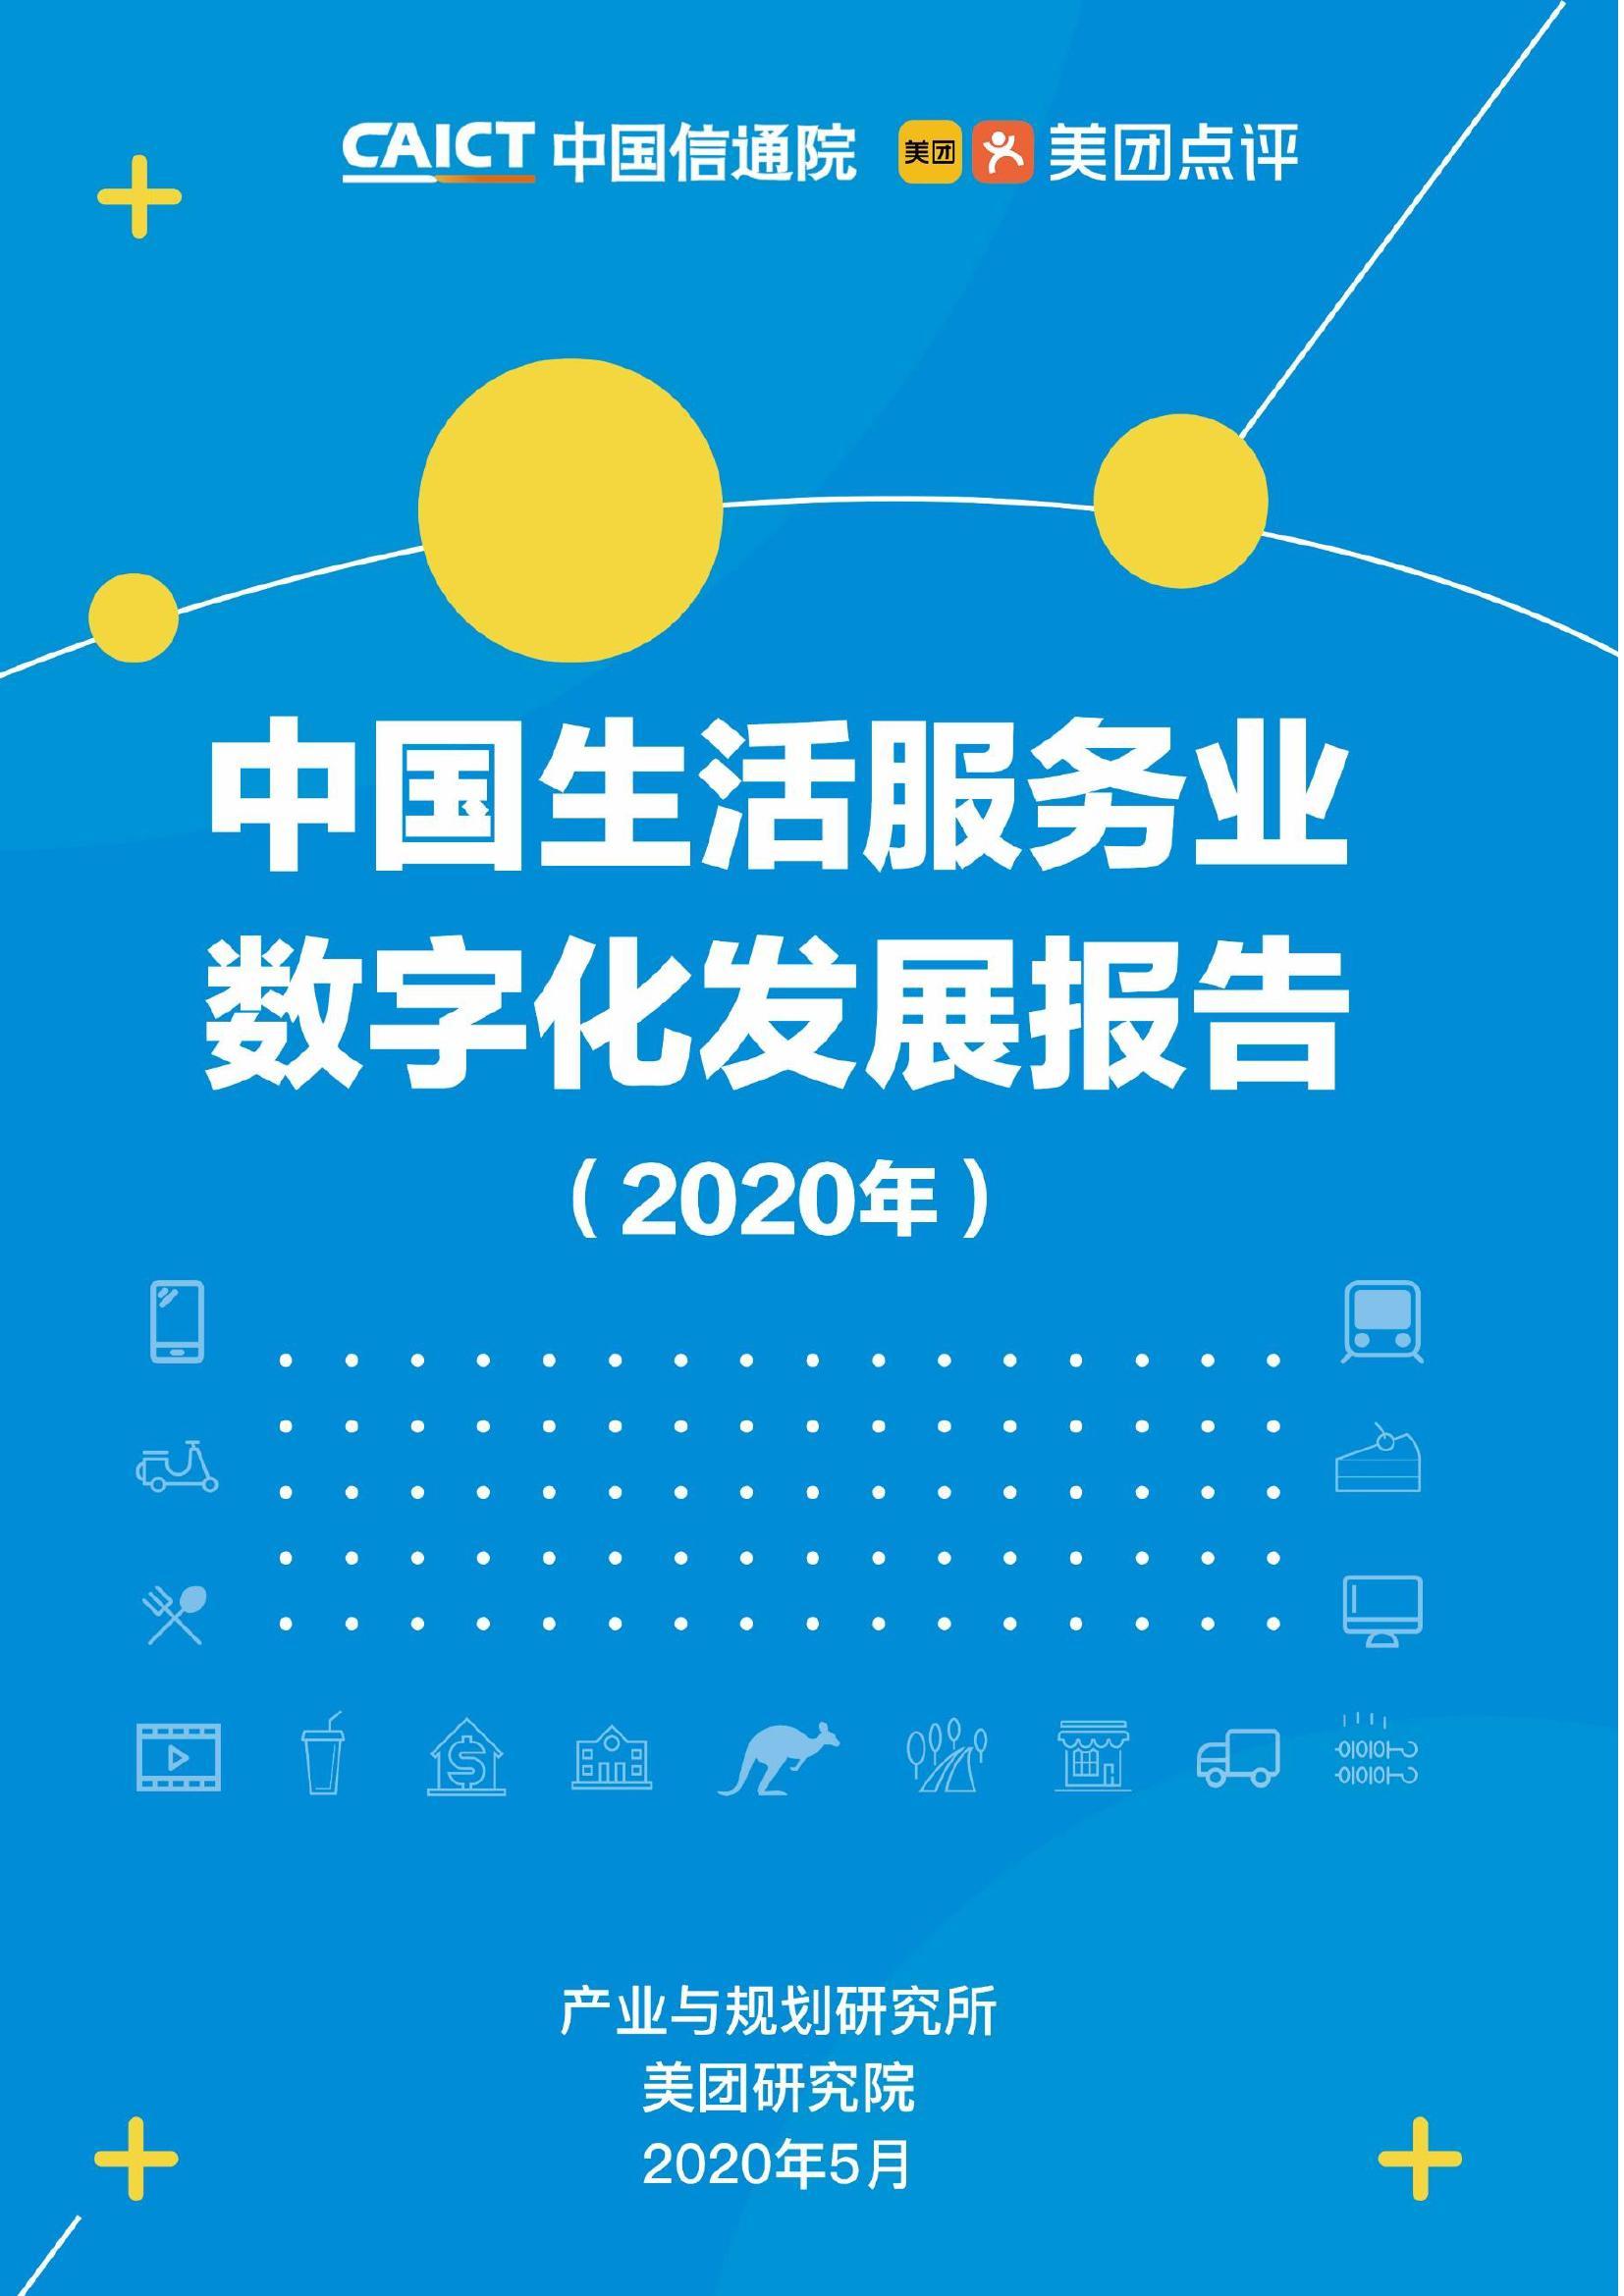 中国信通院&美团:2020中国生活服务业数字化发展报告(附下载)